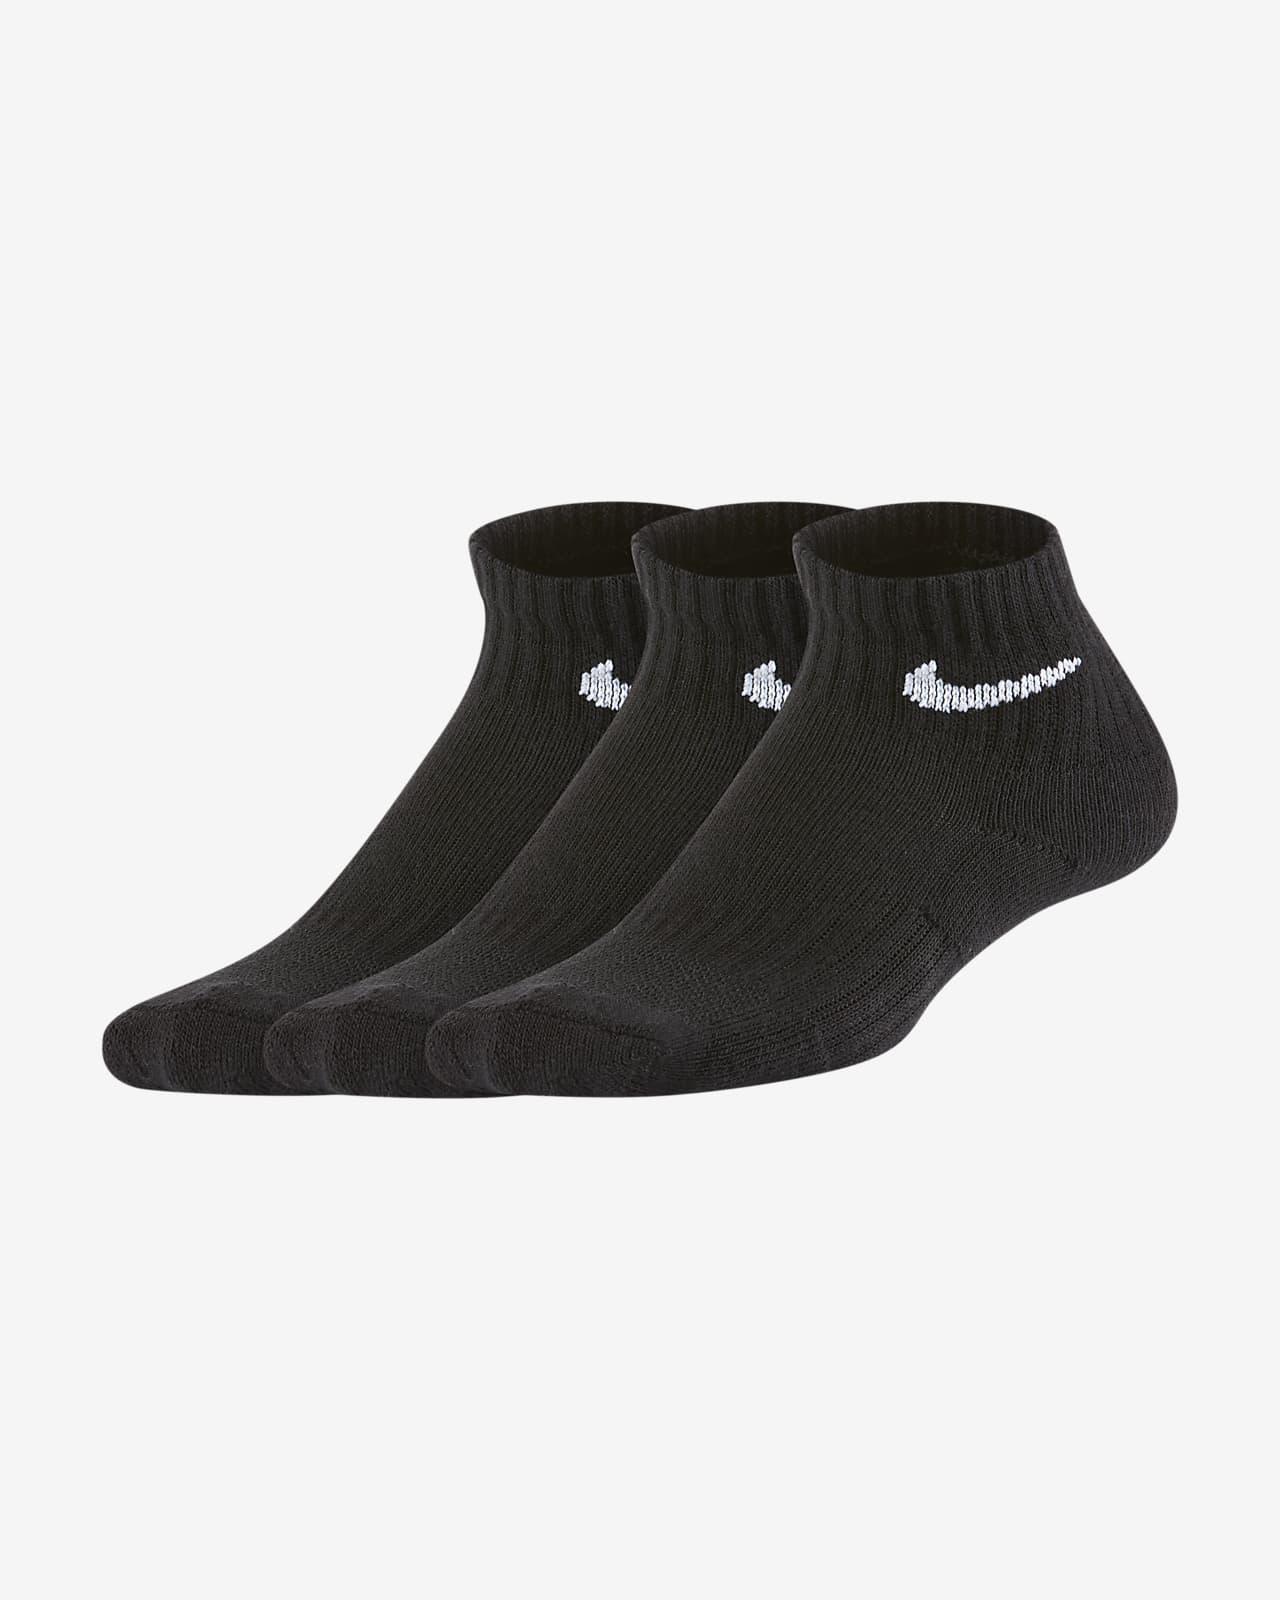 Calcetines al tobillo acolchados para niños talla pequeña Nike Everyday (3 pares)